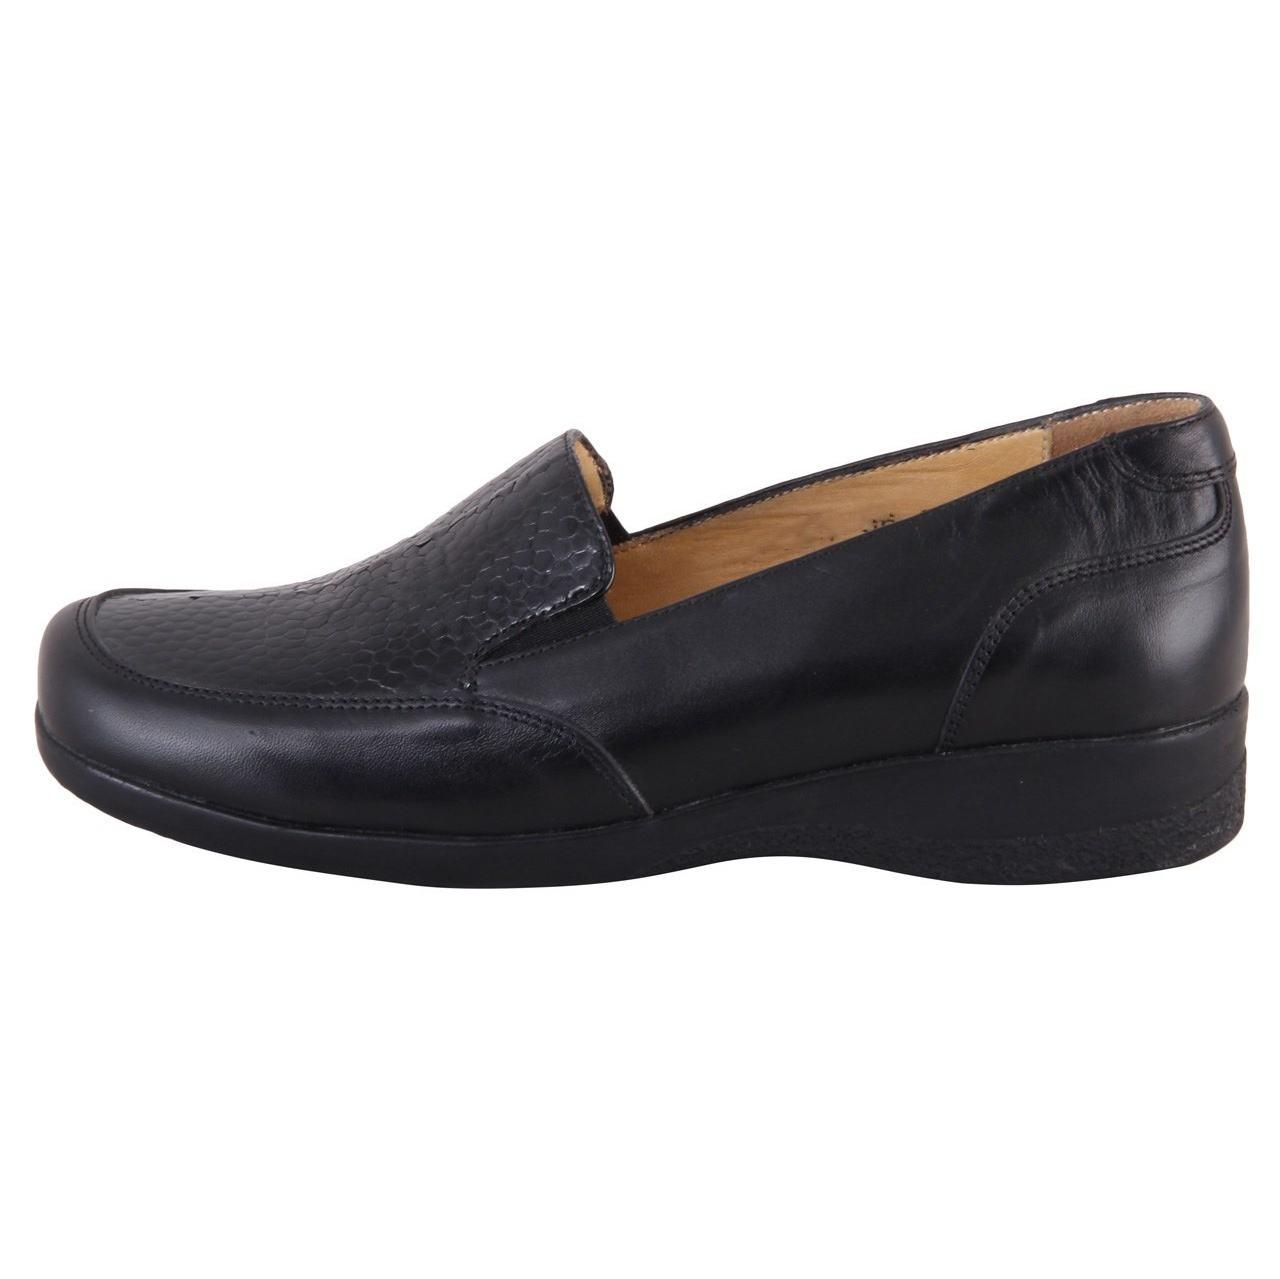 کفش زنانه  شهرچرم مدل 1-5574 -  - 1